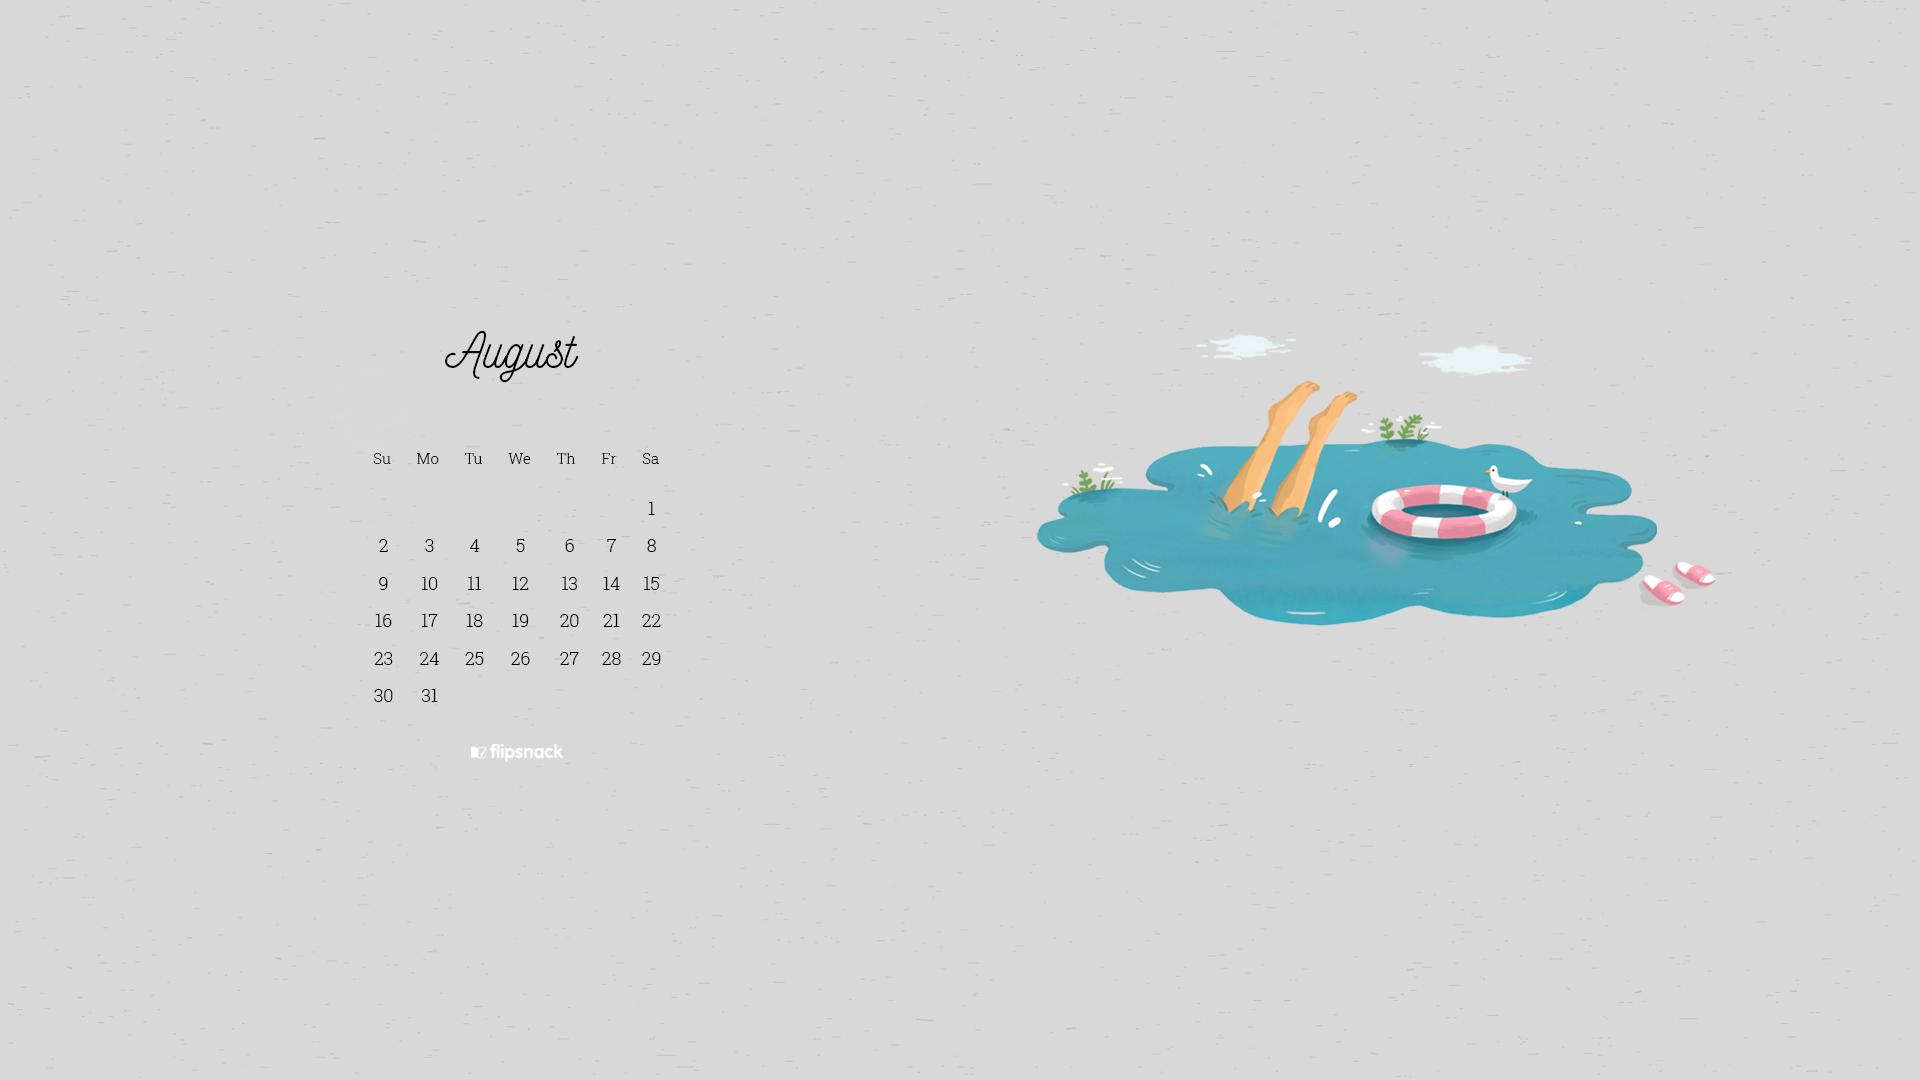 august 2020 wallpaper calendars